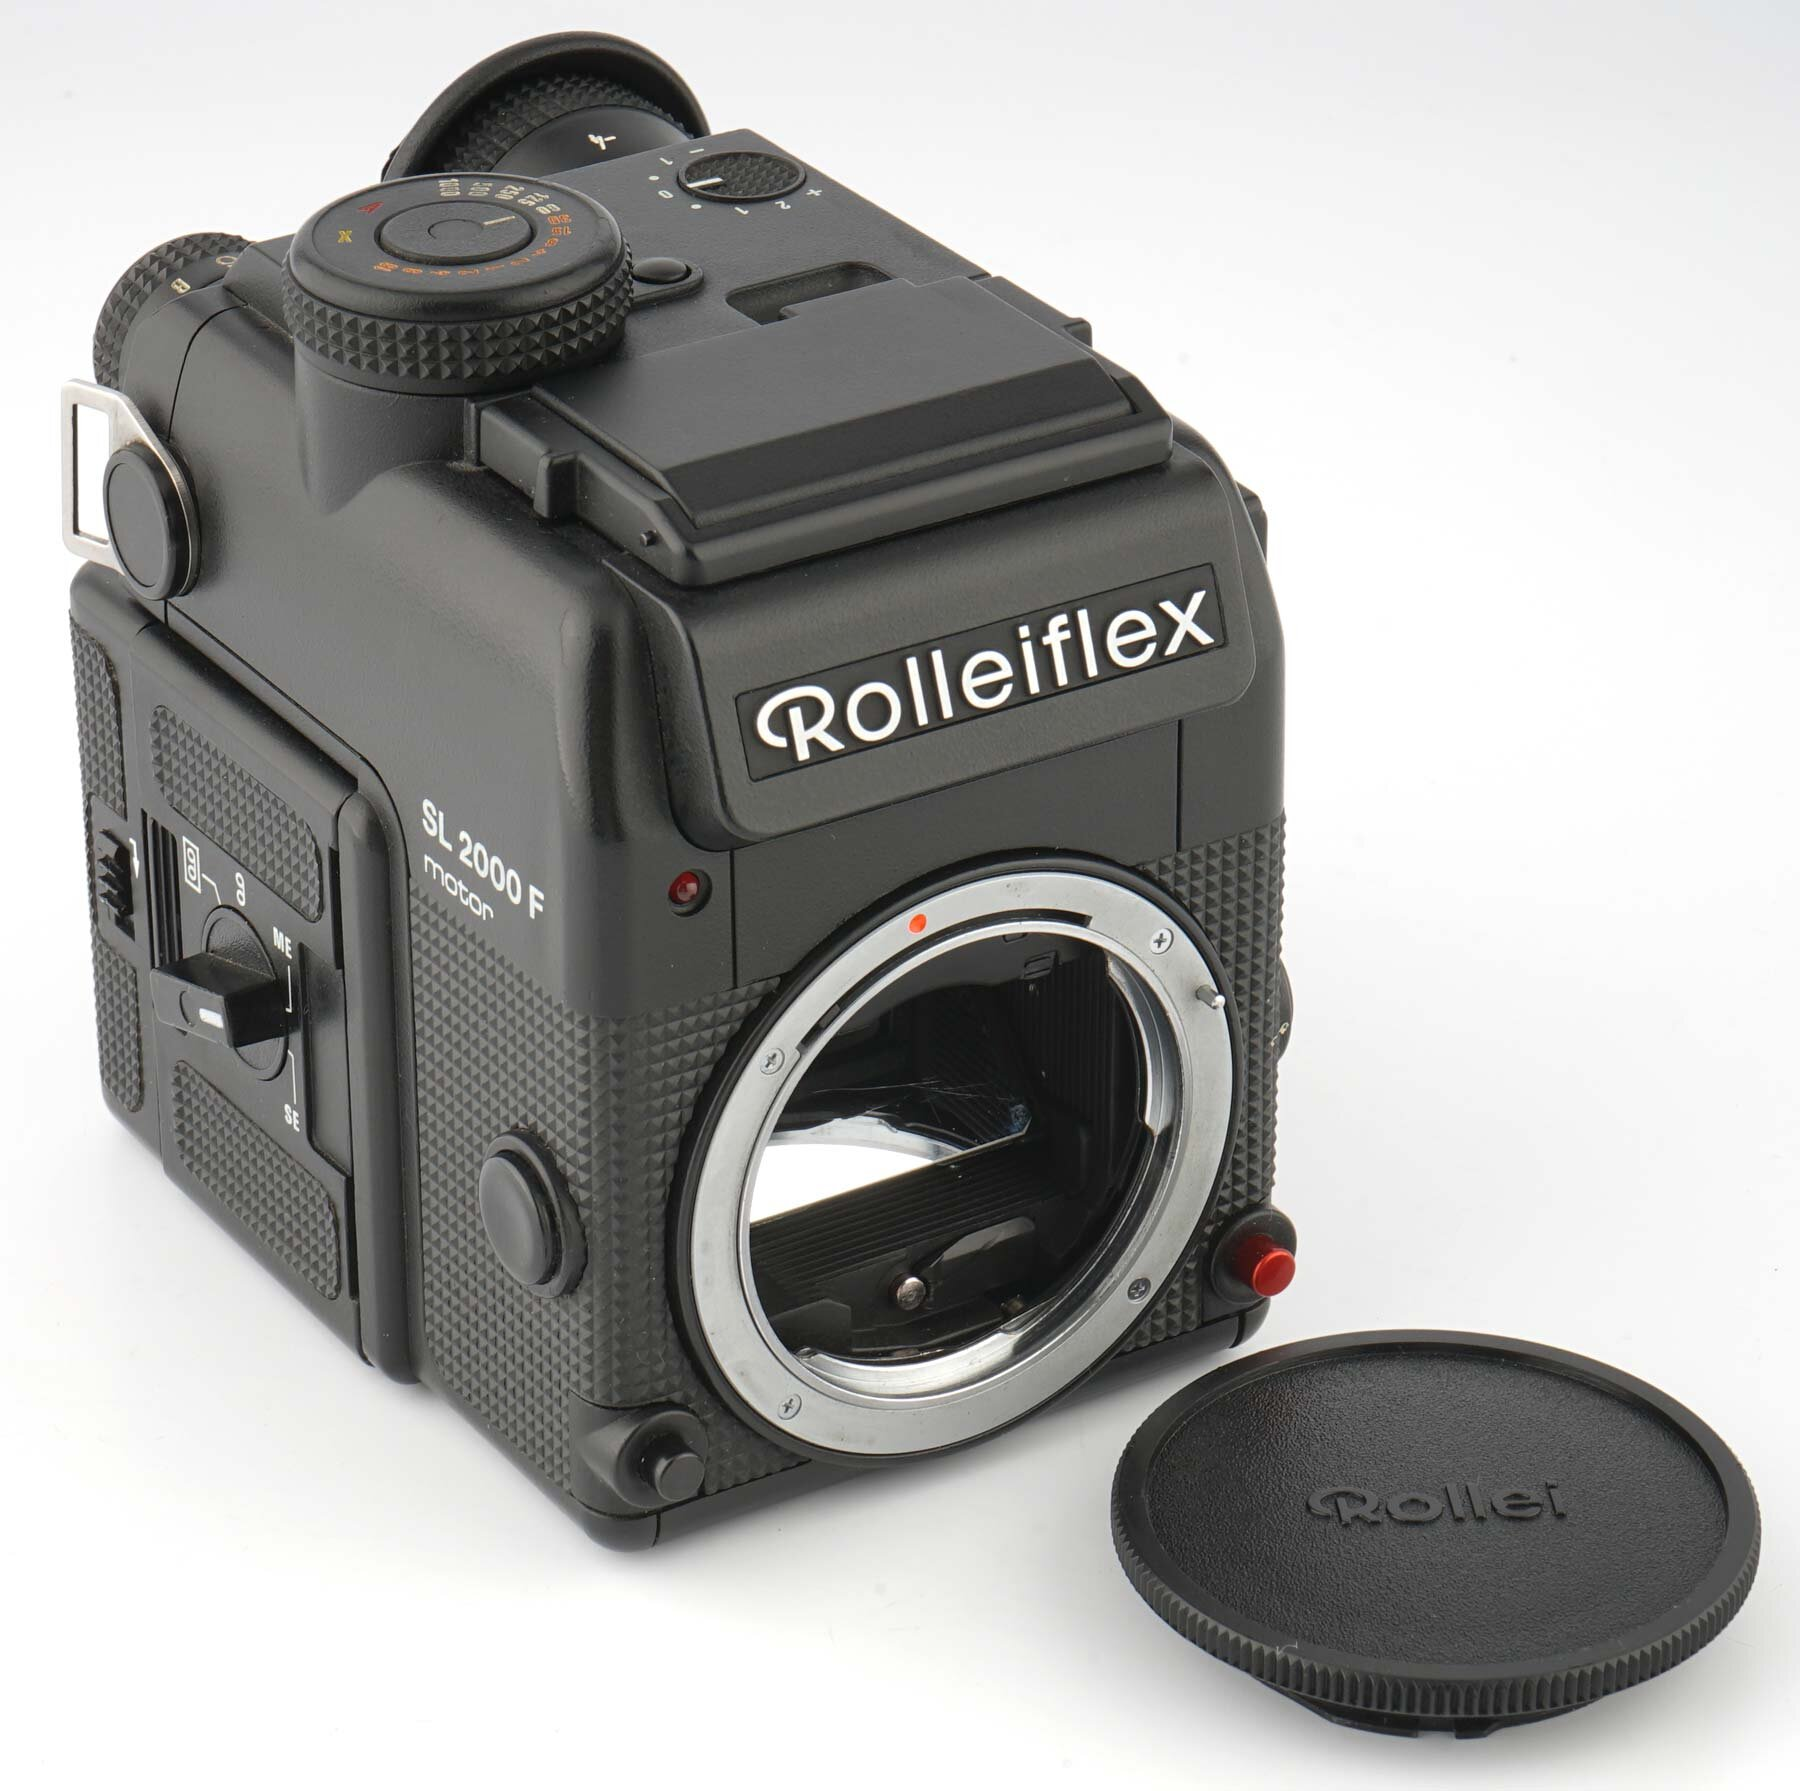 Rollei Rolleiflex SL 2000 F motor Gehäuse